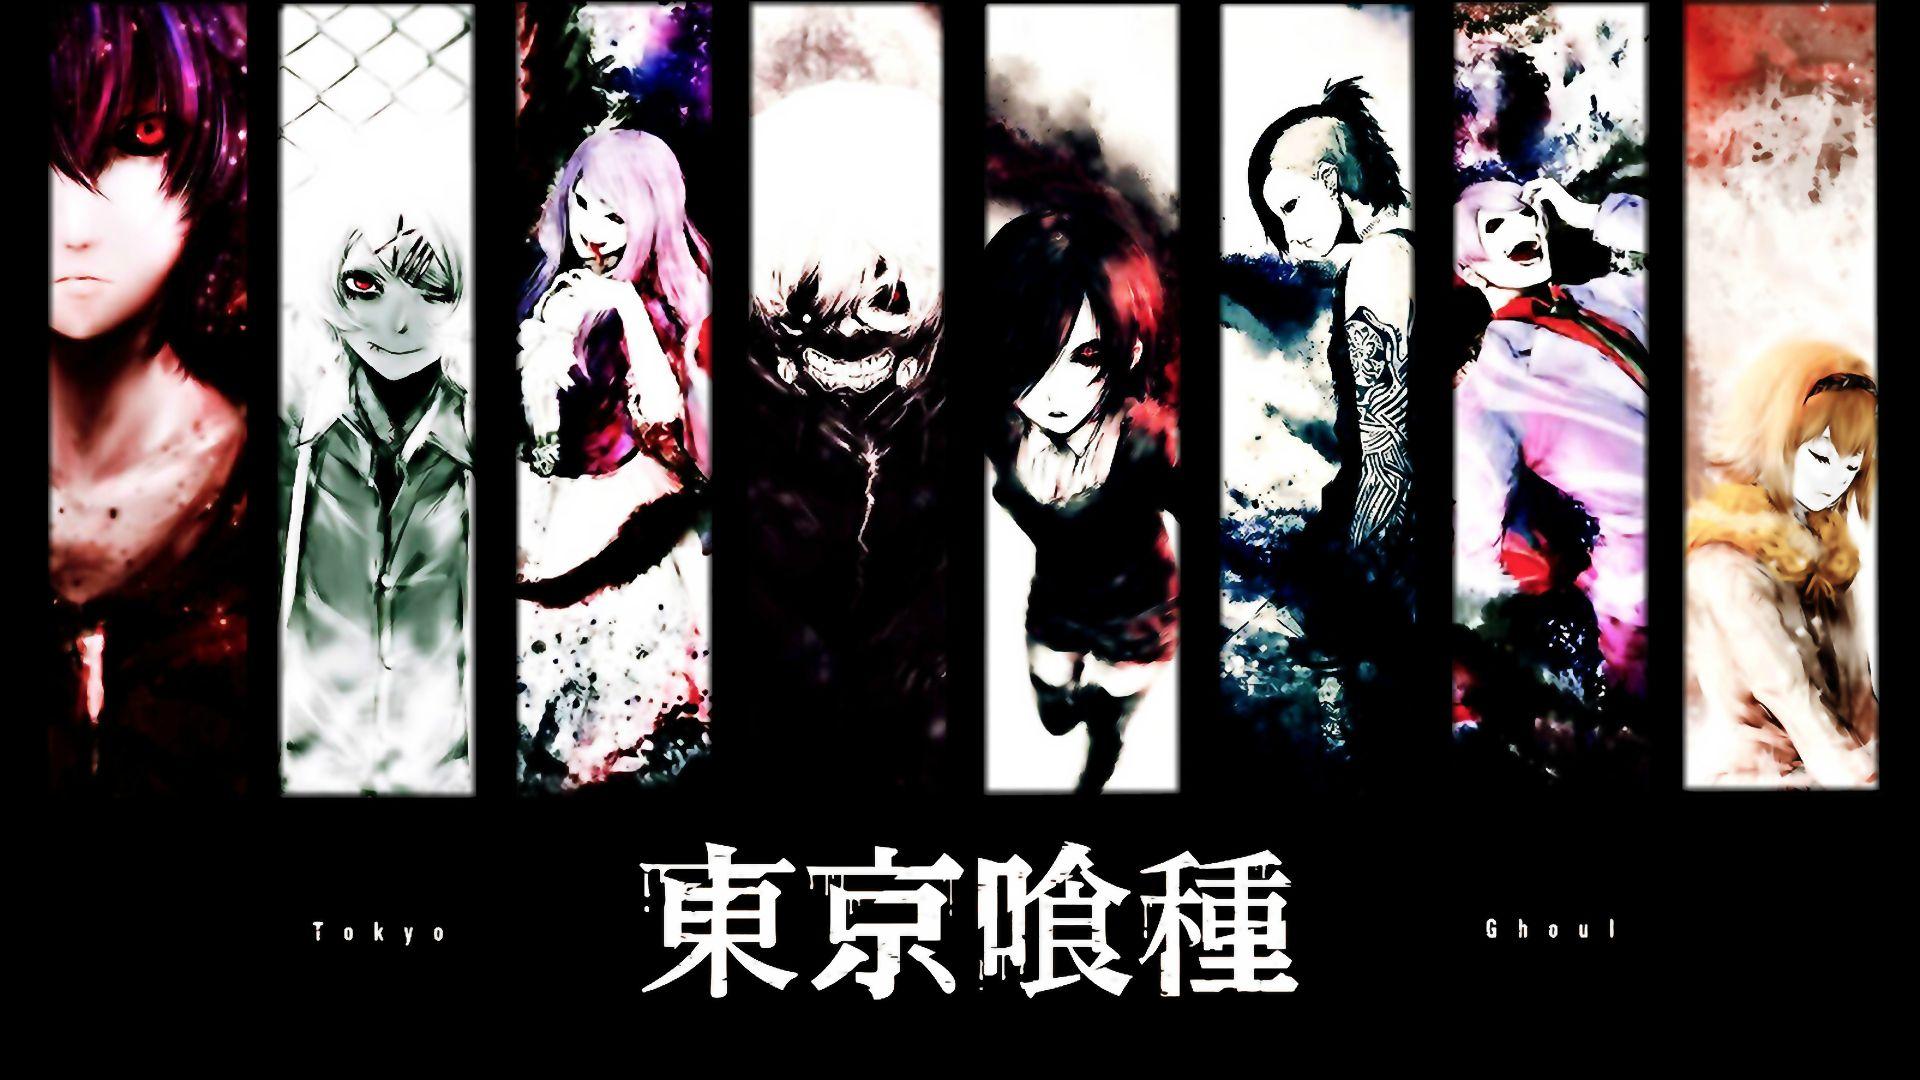 [عکس: Tokyo_Ghoul.jpg]